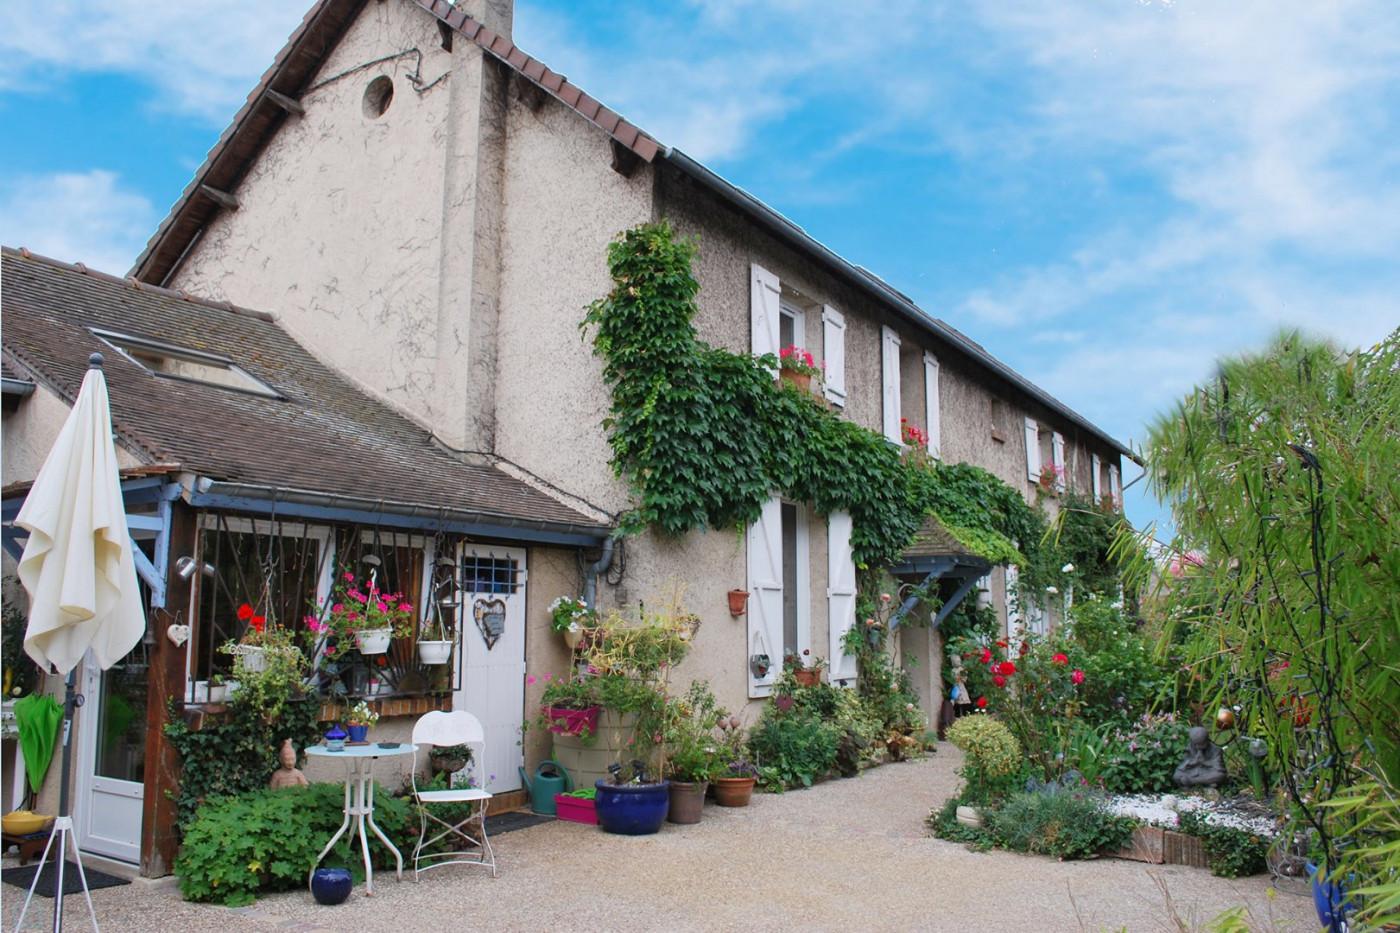 A vendre  Bonnieres Sur Seine   Réf 75011111247 - Sextant france